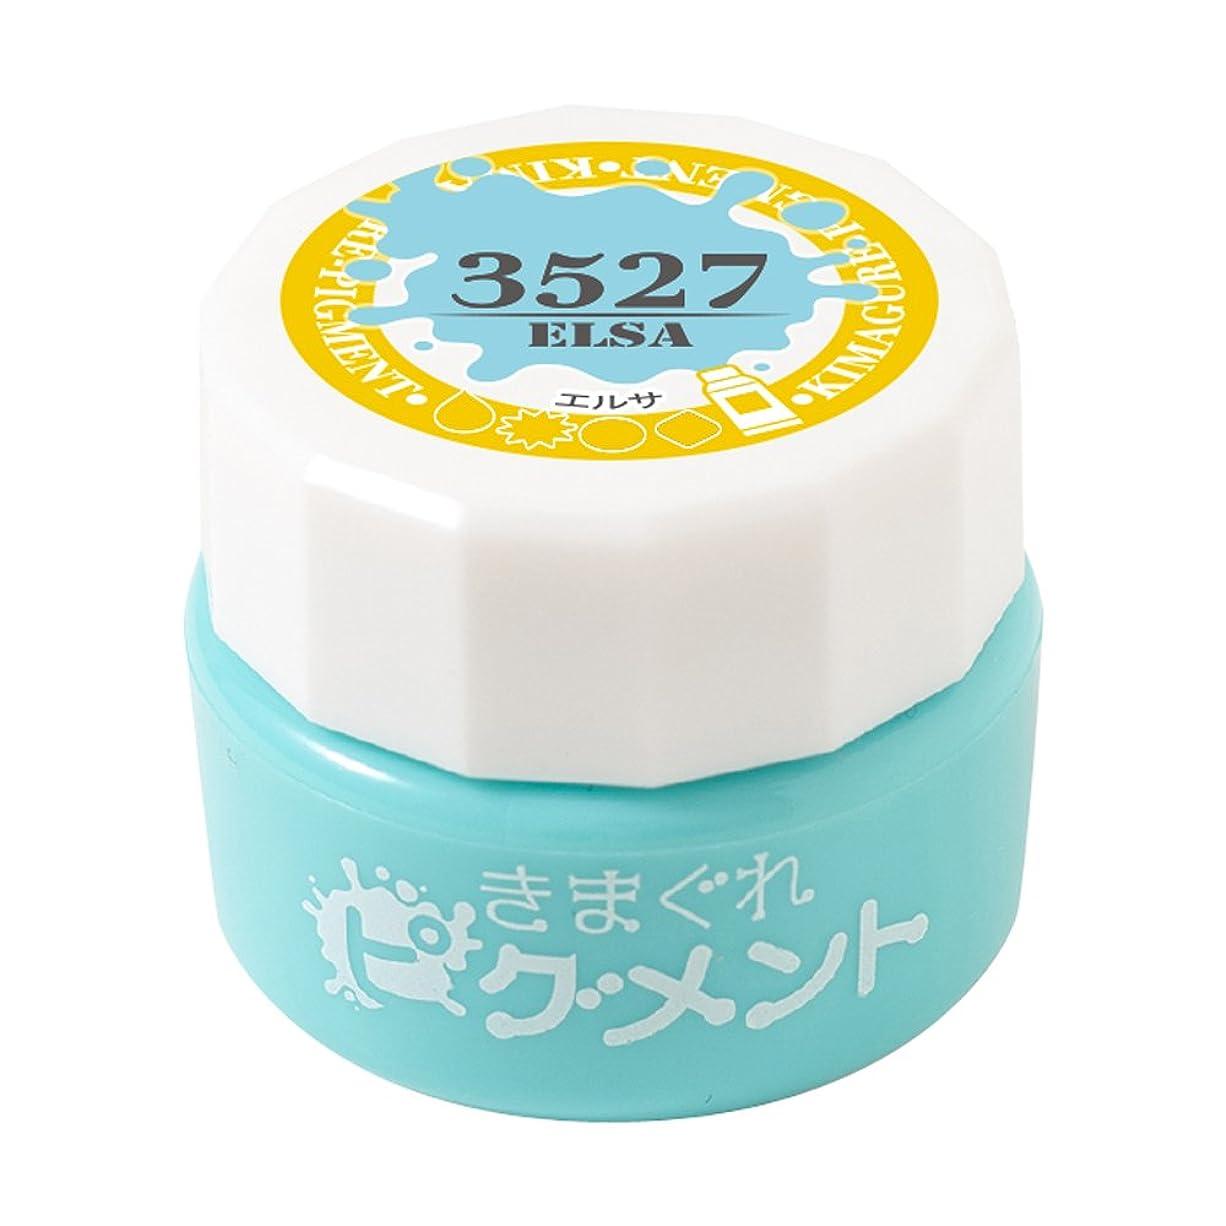 ニコチン掃除優れましたBettygel きまぐれピグメント エルサ QYJ-3527 4g UV/LED対応